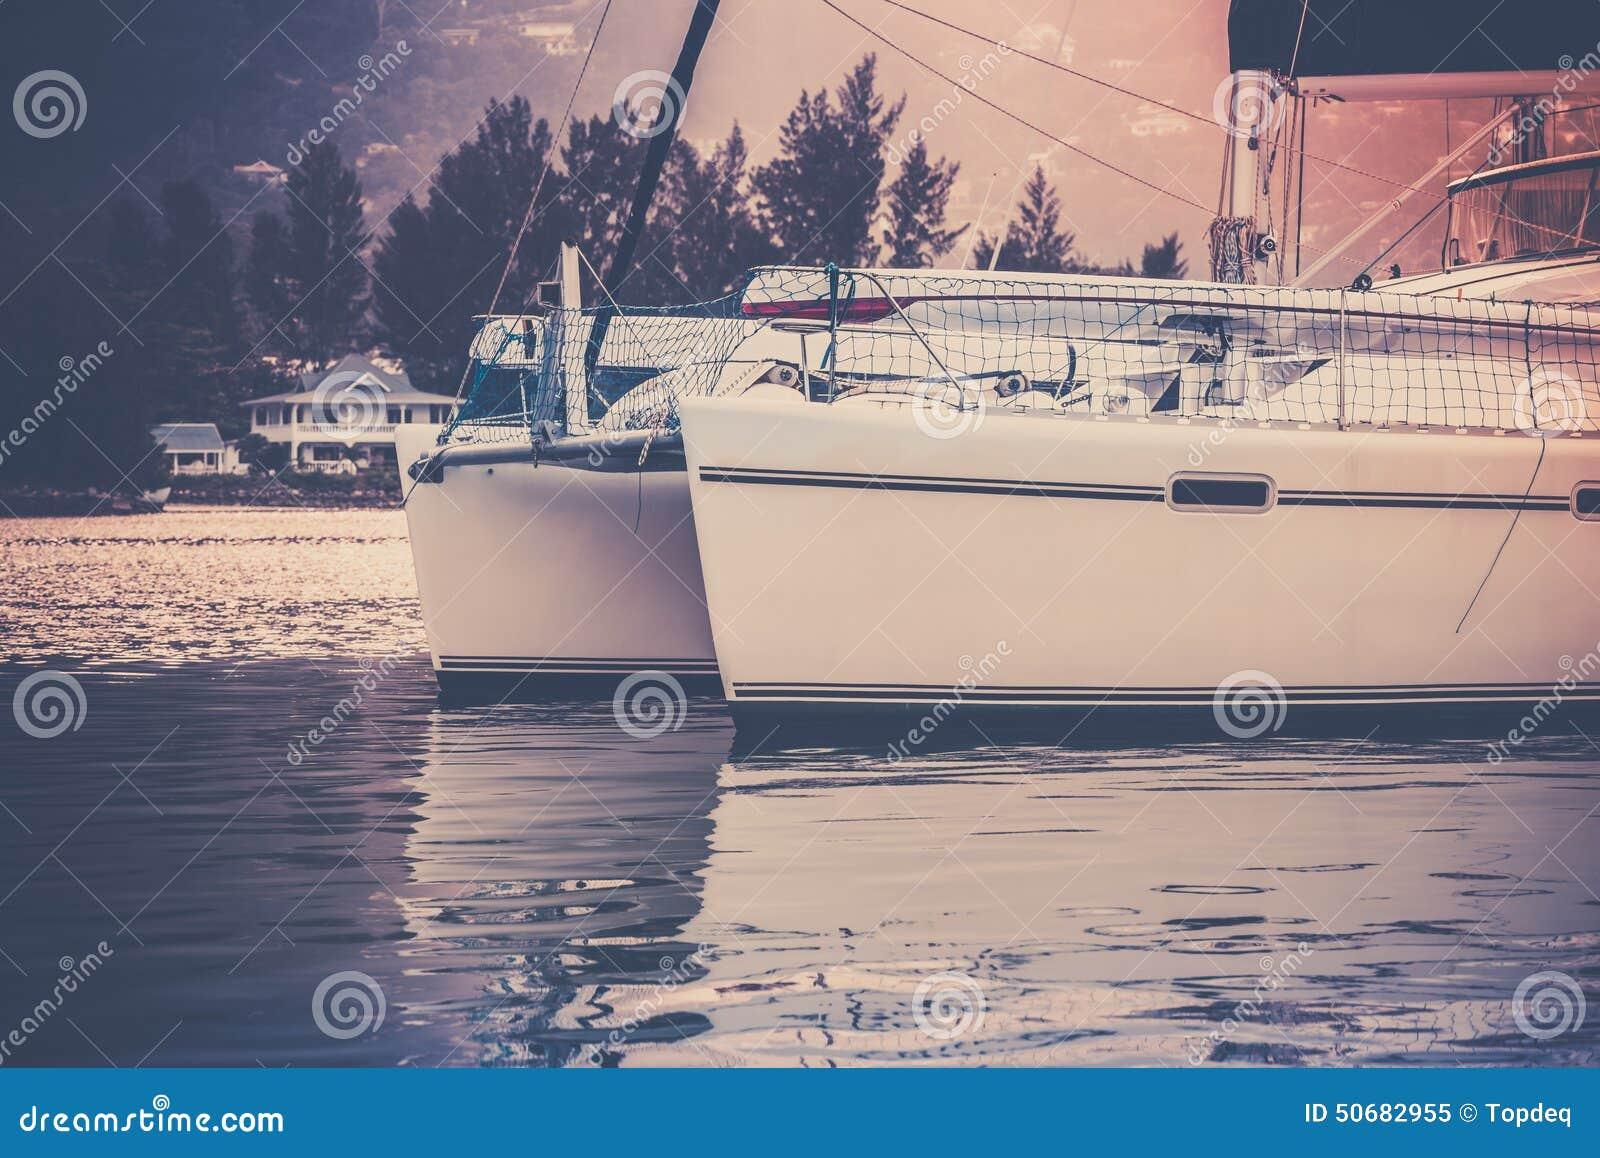 Download 在阳光阴霾的消遣游艇在塞舌尔群岛的海岸 库存图片. 图片 包括有 船舶, 海洋, 户外, 消遣, 定调子 - 50682955